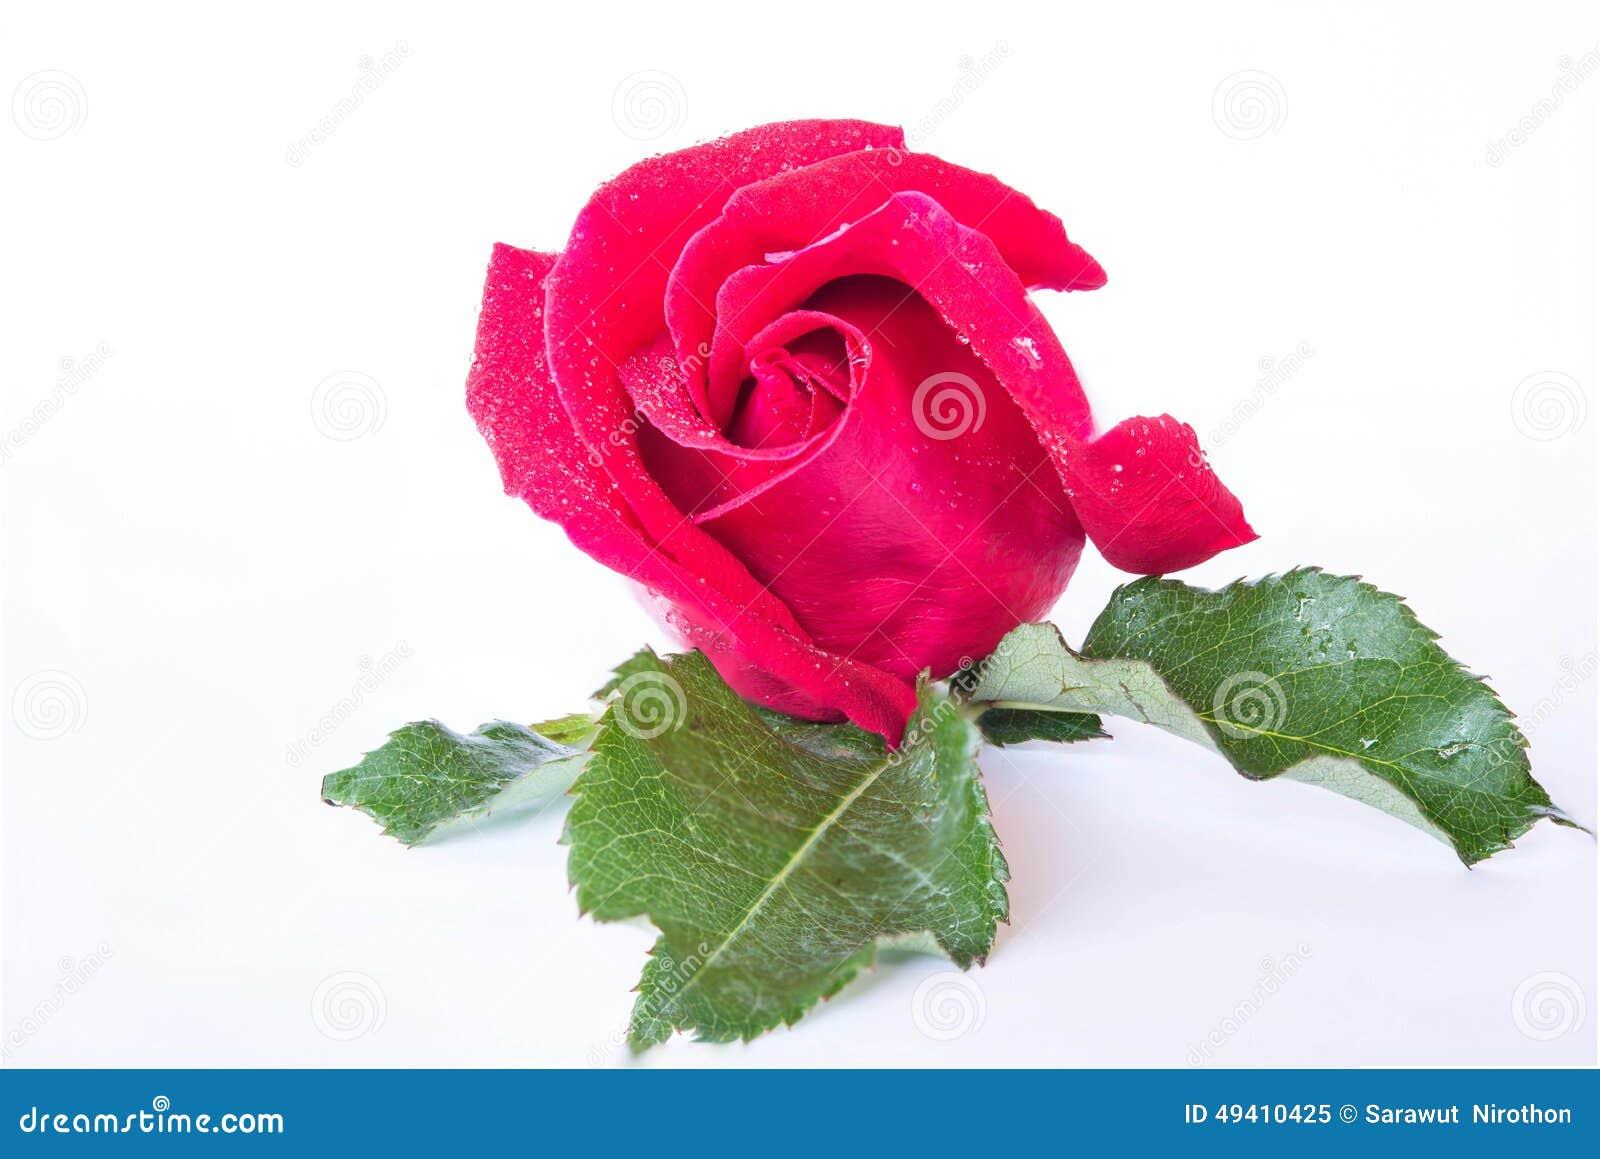 Download Rote Rosen Auf Einem Weißen Hintergrund Stockbild - Bild von valentine, rosen: 49410425